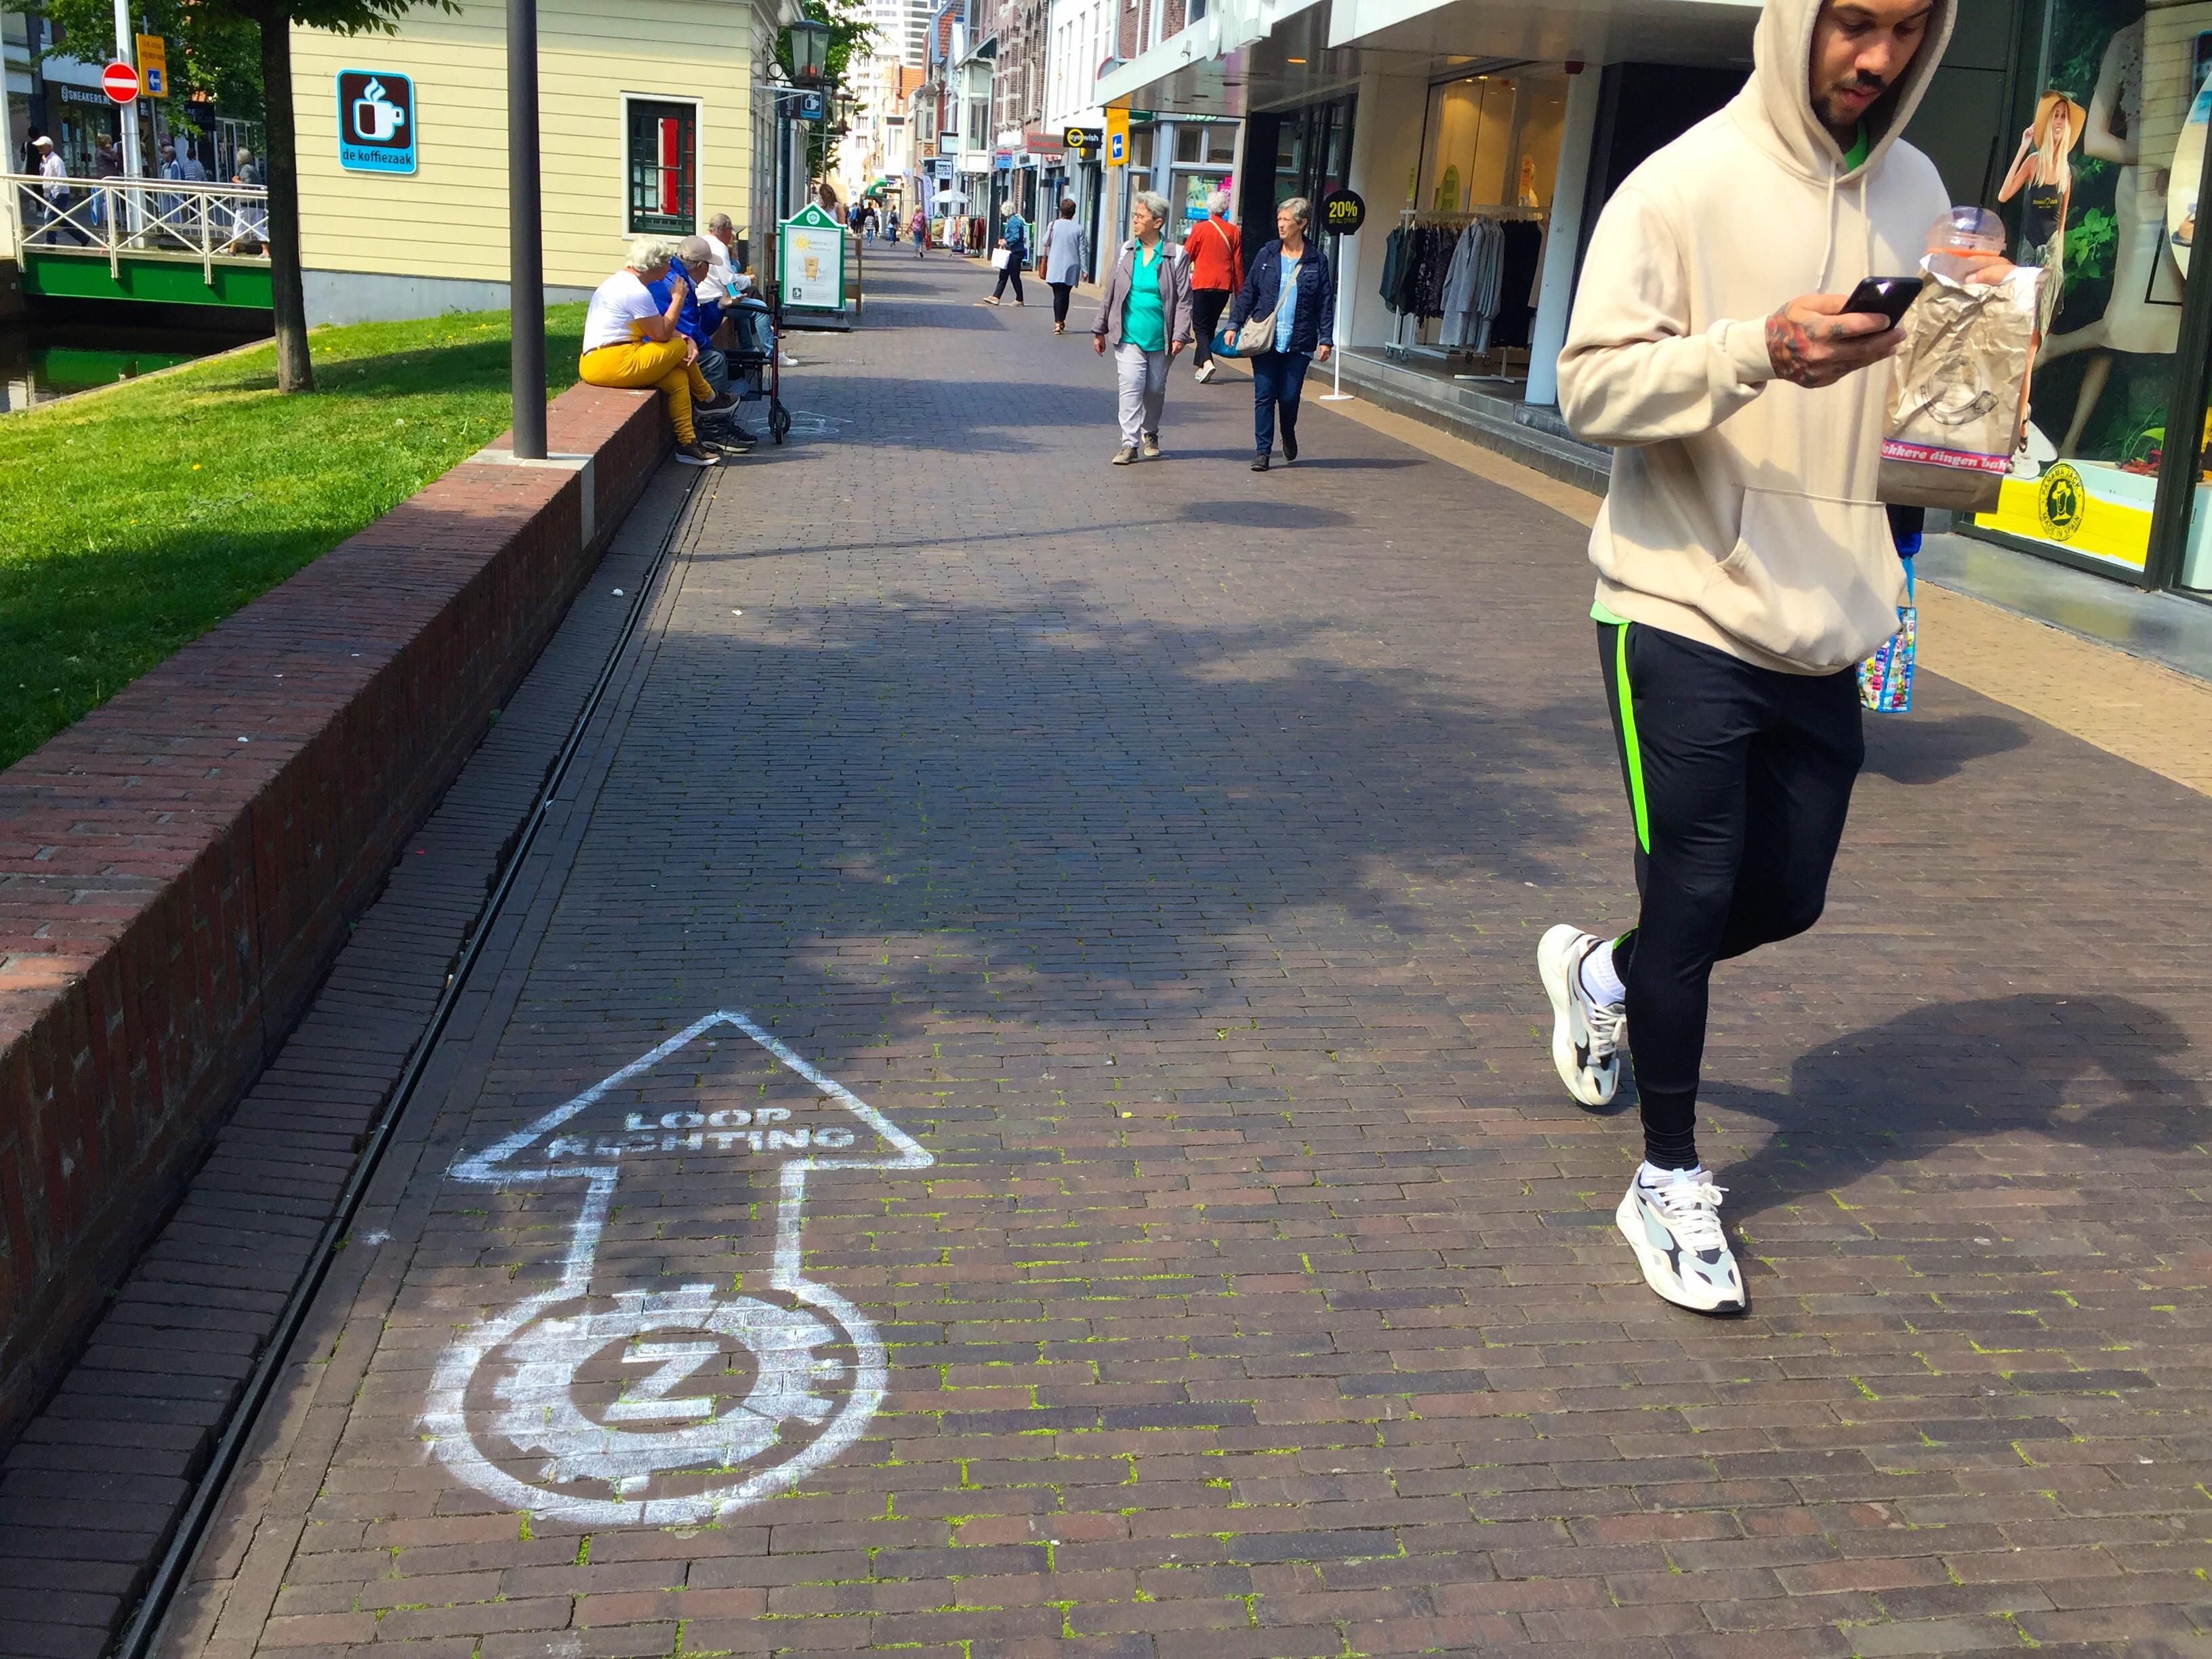 Coronamaatregelen op de Gedempte Gracht in Zaandam helpen niet genoeg; vrijwilligers gaan winkelpubliek begeleiden